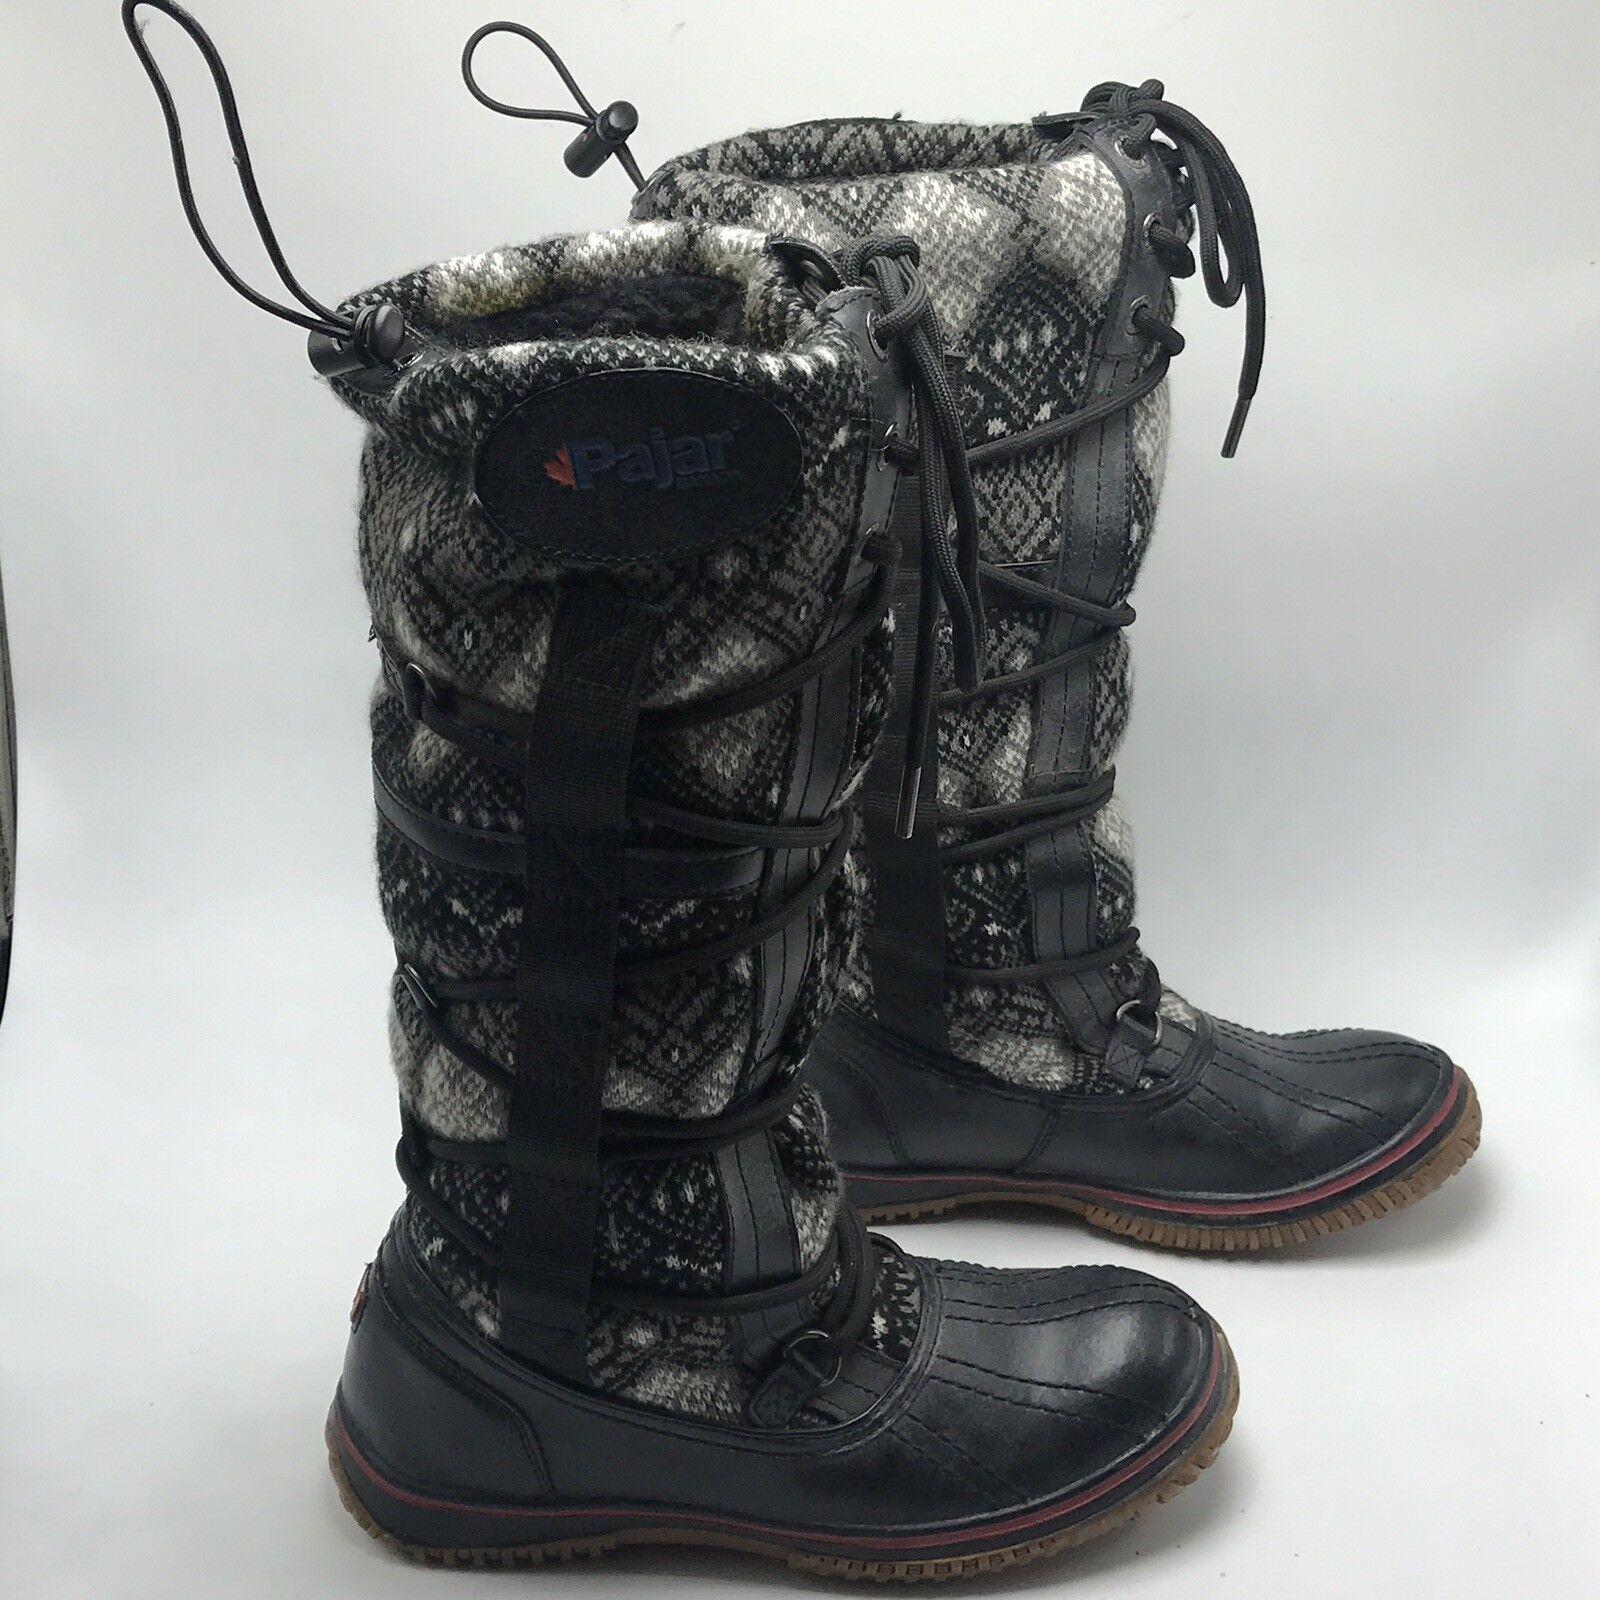 Pajar Winter Regatta Lace Up stivali Sz 37 US 6 6.5 Waterproof Lined